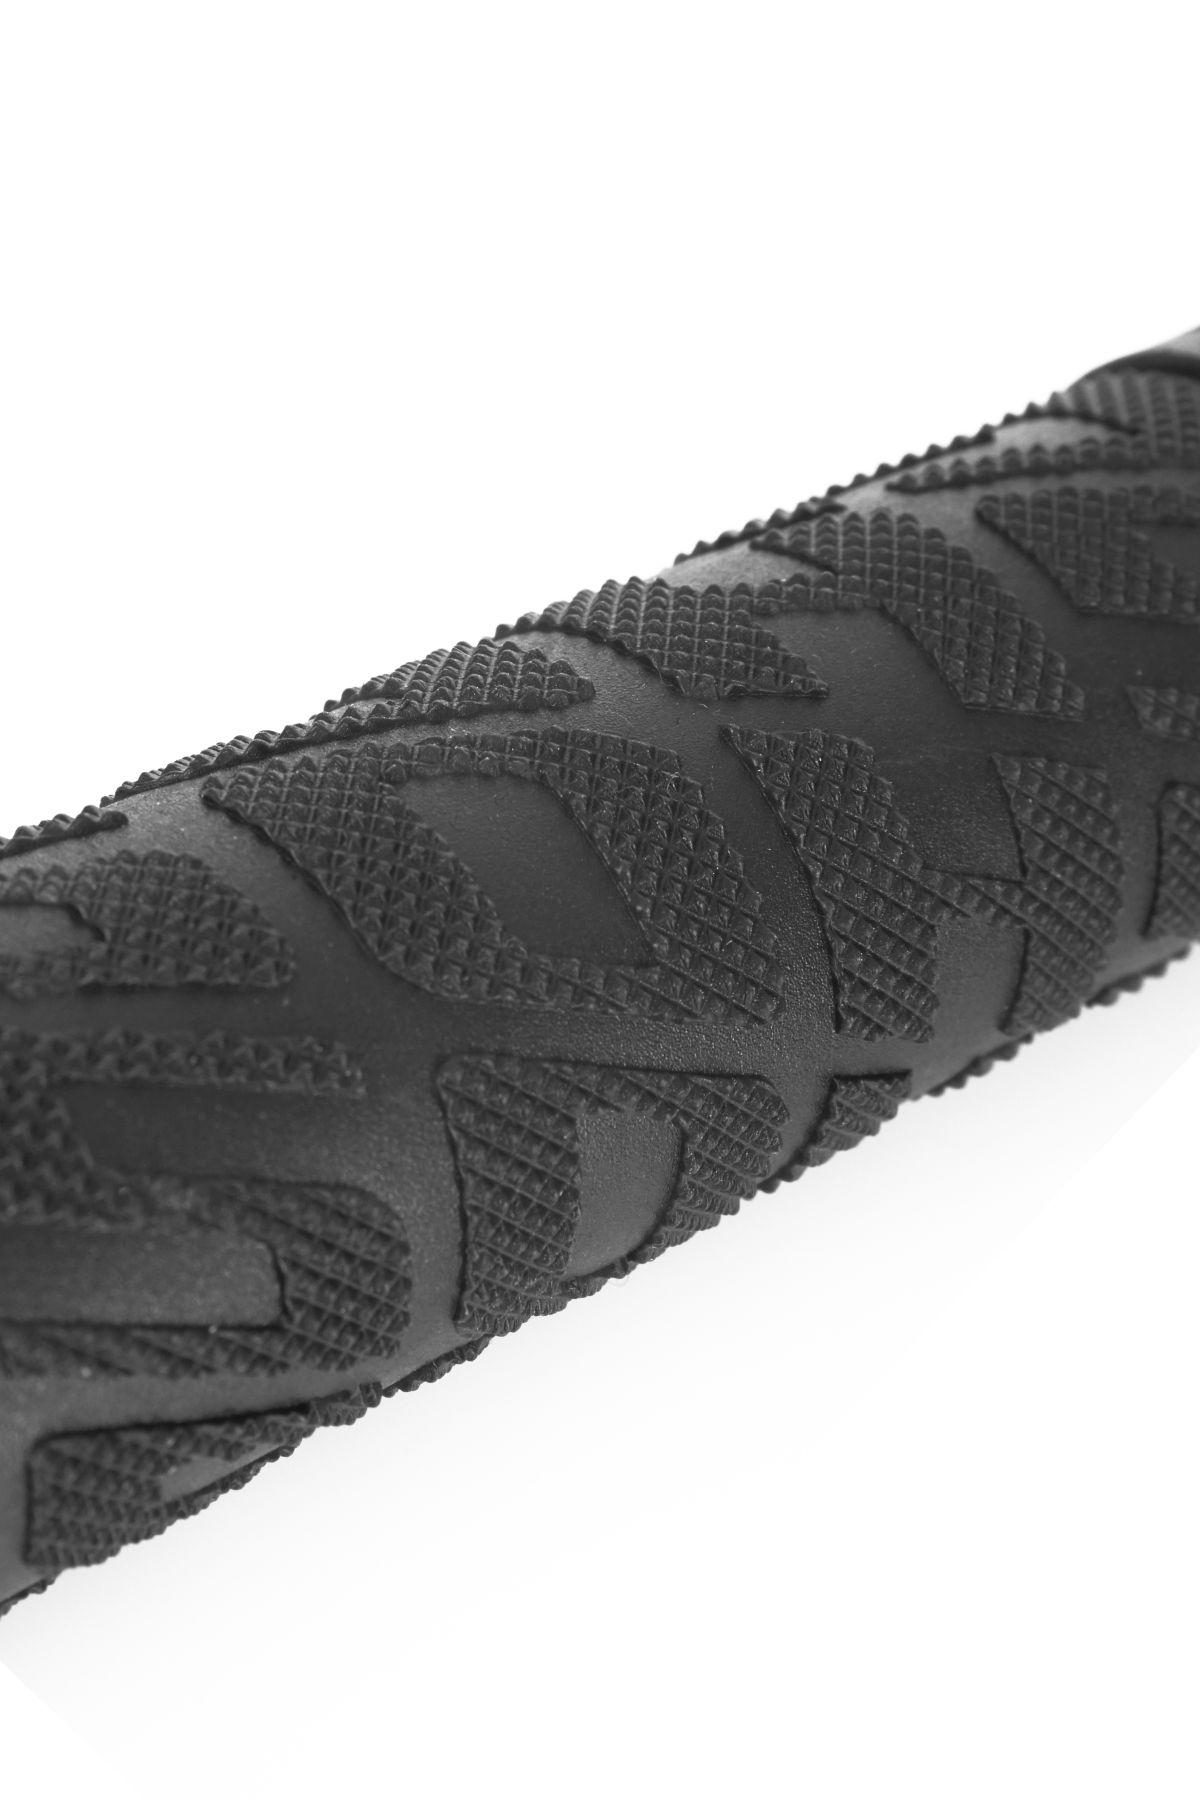 GHOST Bikes Grip Mountainbike Griffe mit Verschraubung Schwarz Black